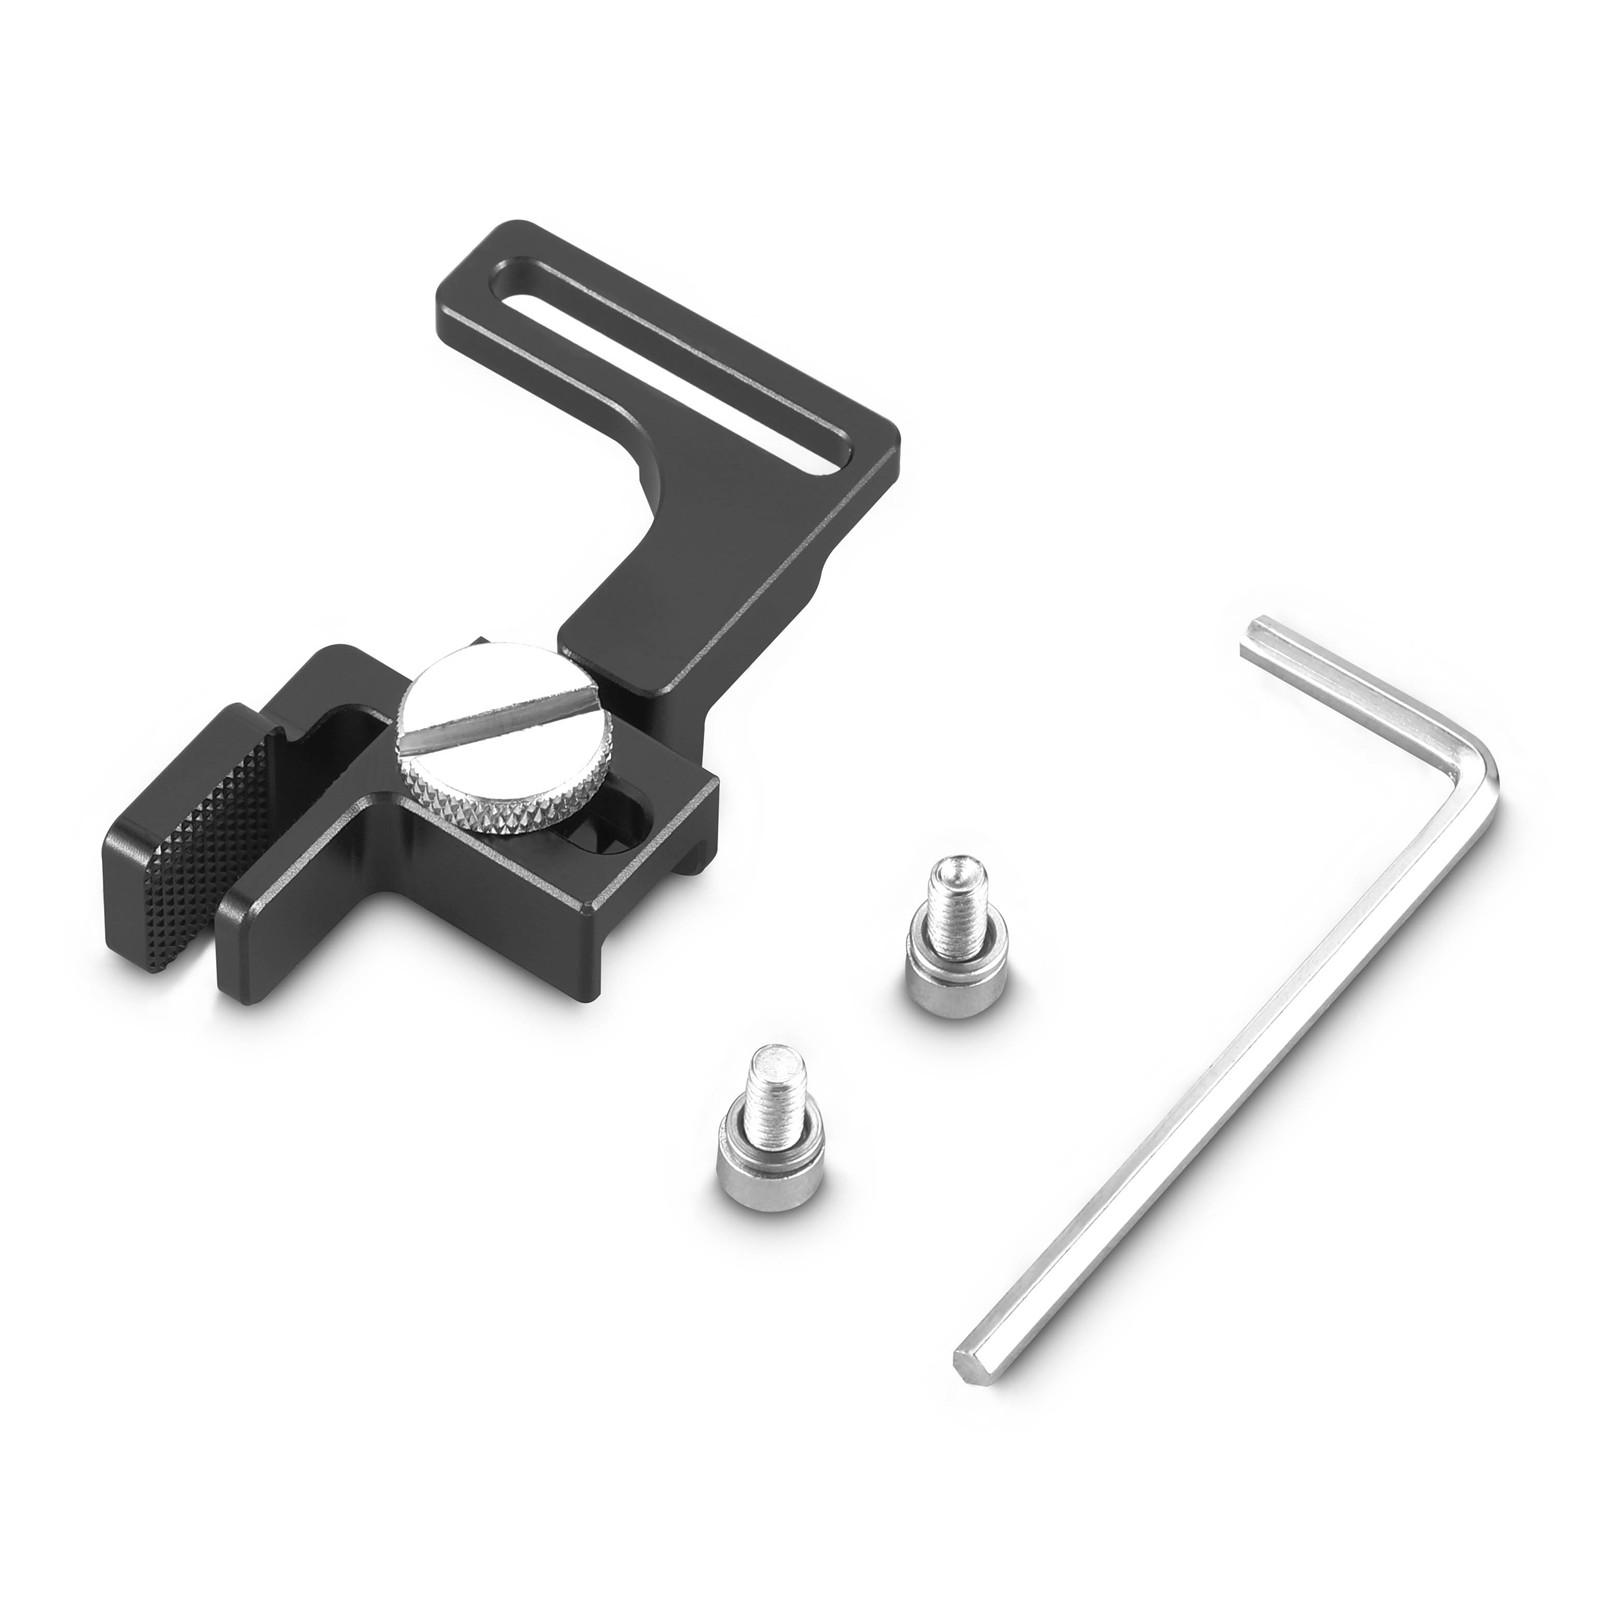 Eurokasten-Roller 605x405 mm TPE Rollen mit Rohrschiebebügel offener Rahmen